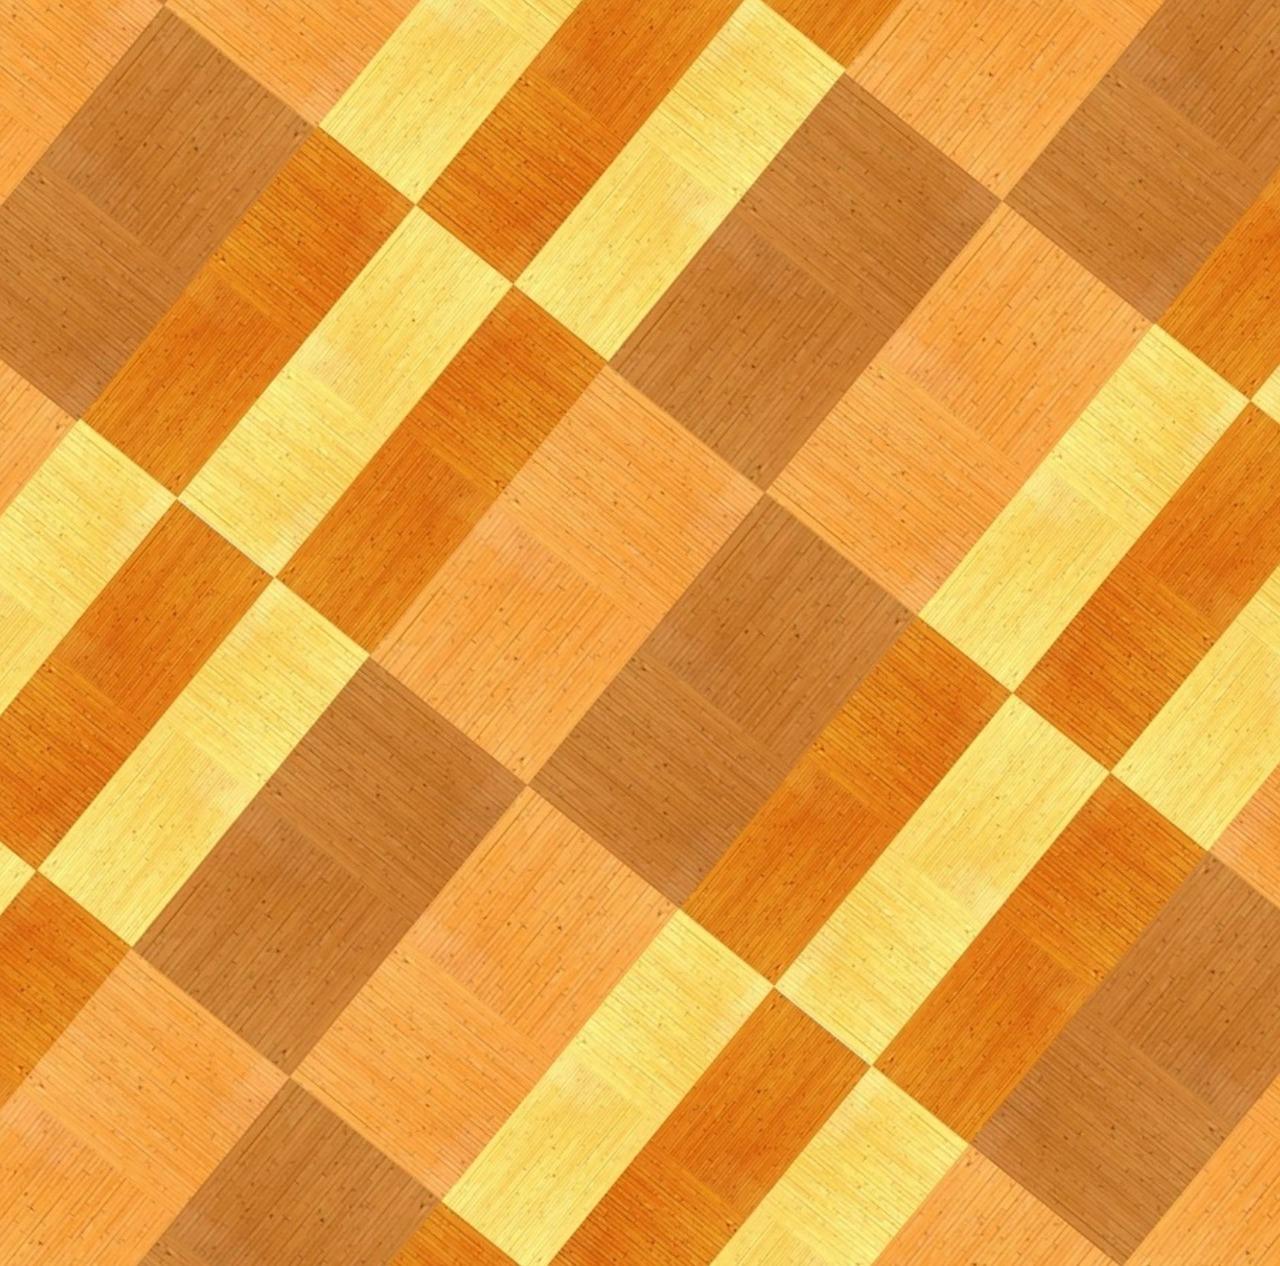 texture-1323528_1280